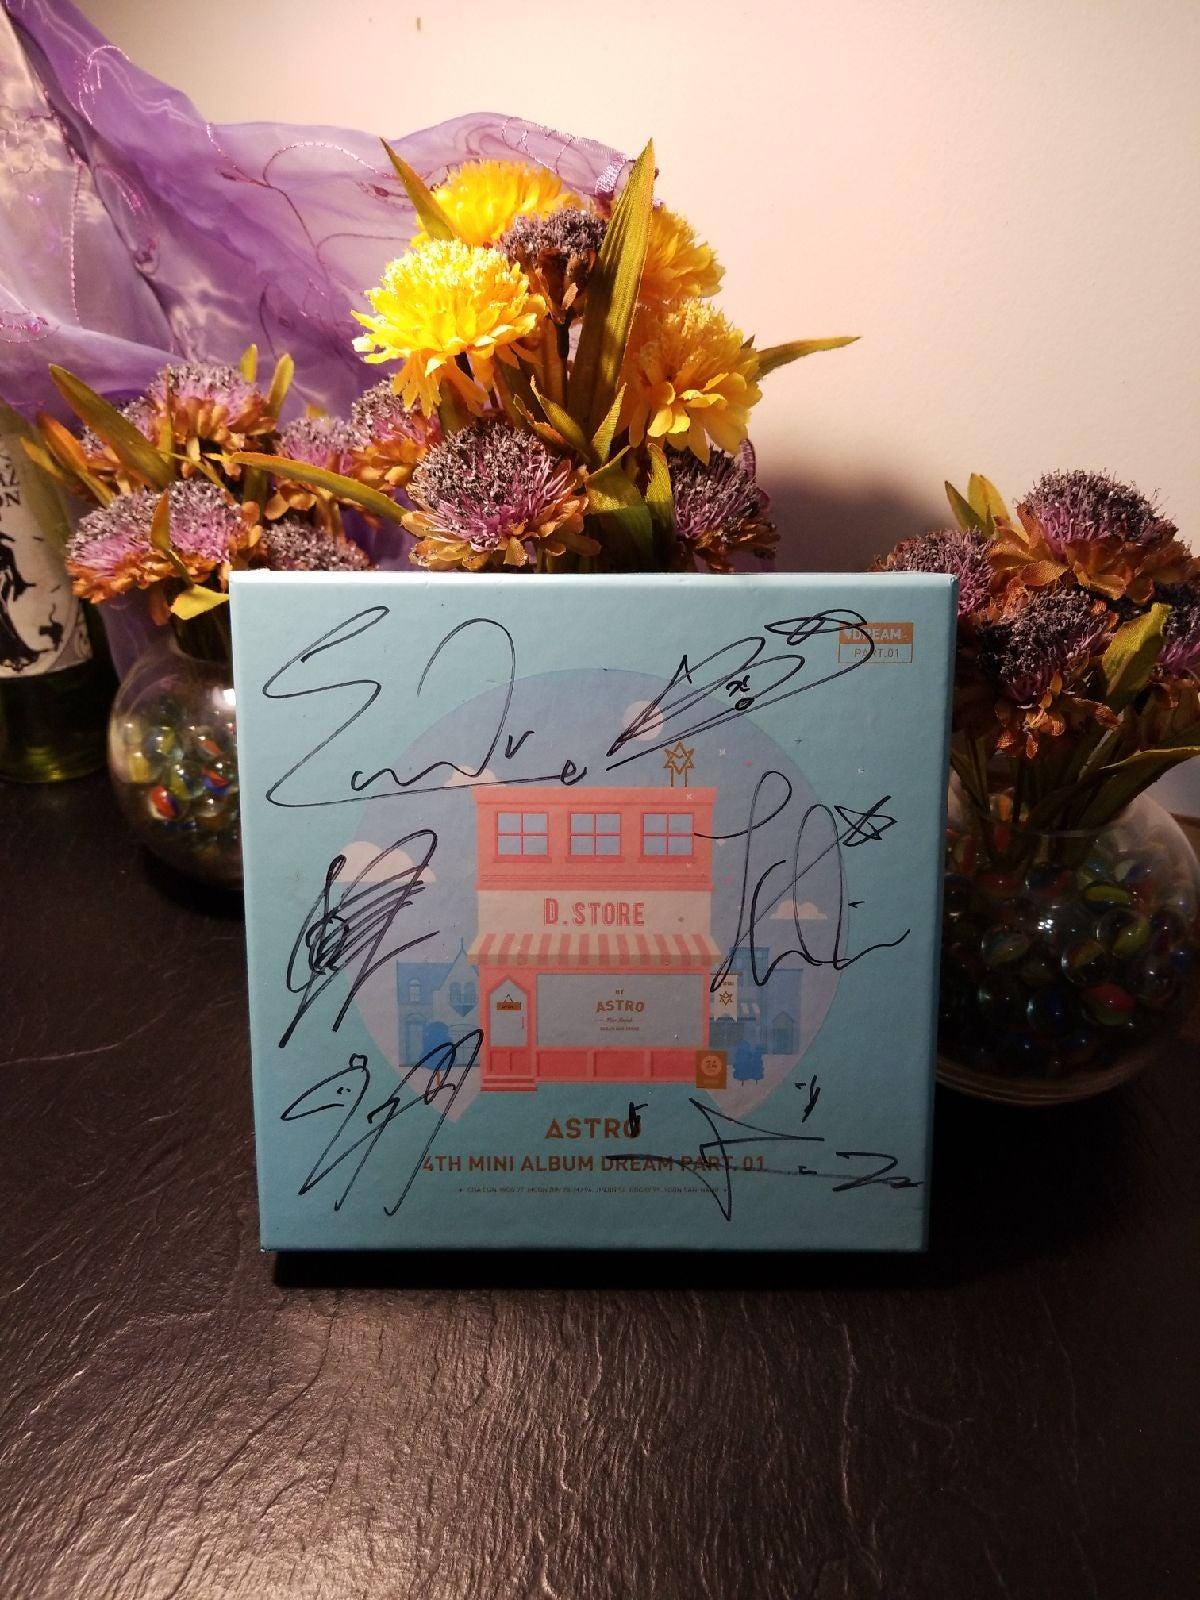 Signed Astro album